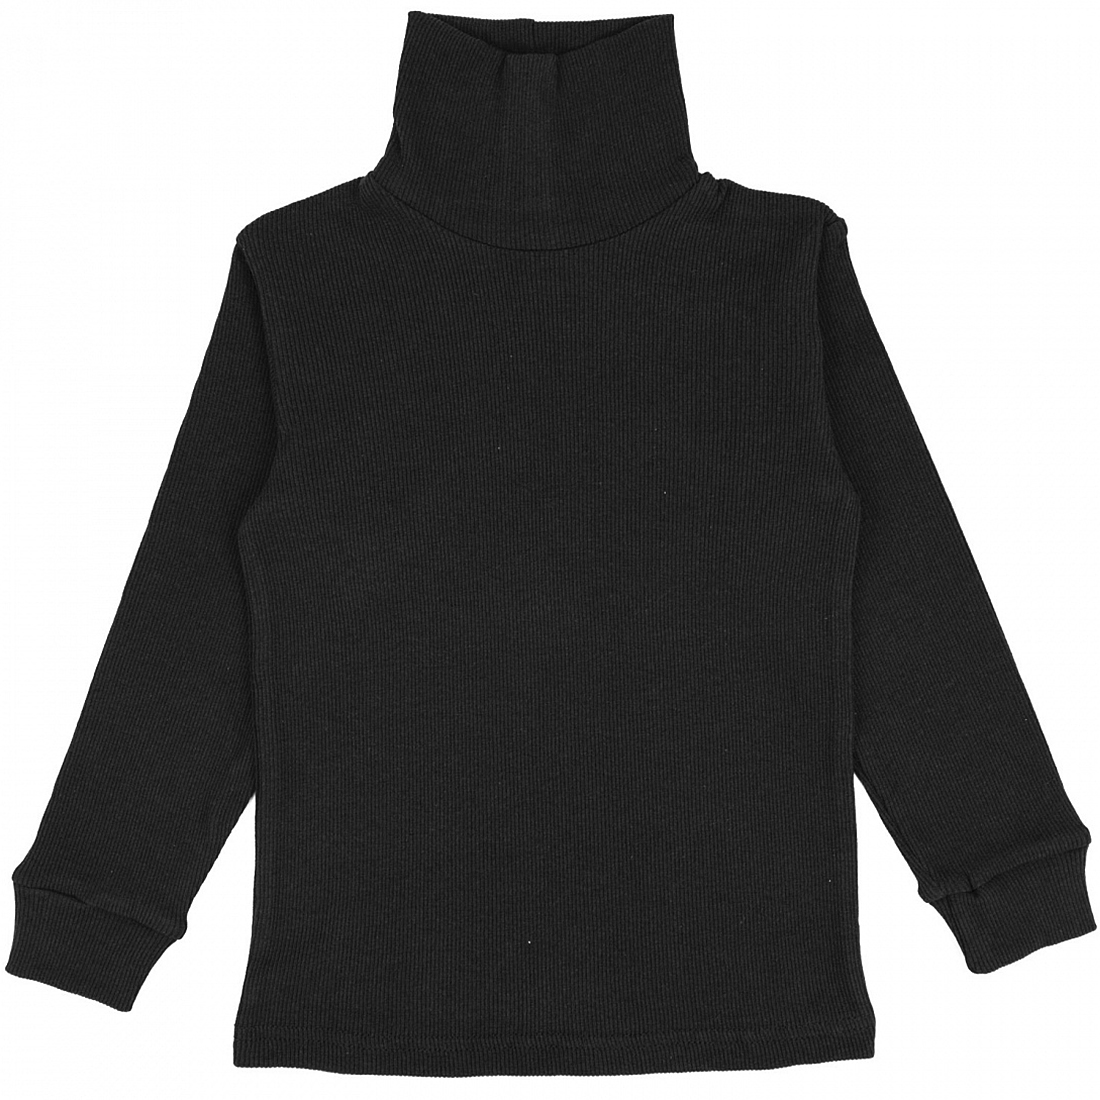 Купить 063К, Водолазка детская Юлла, цв. черный р. 134, Водолазки для мальчиков